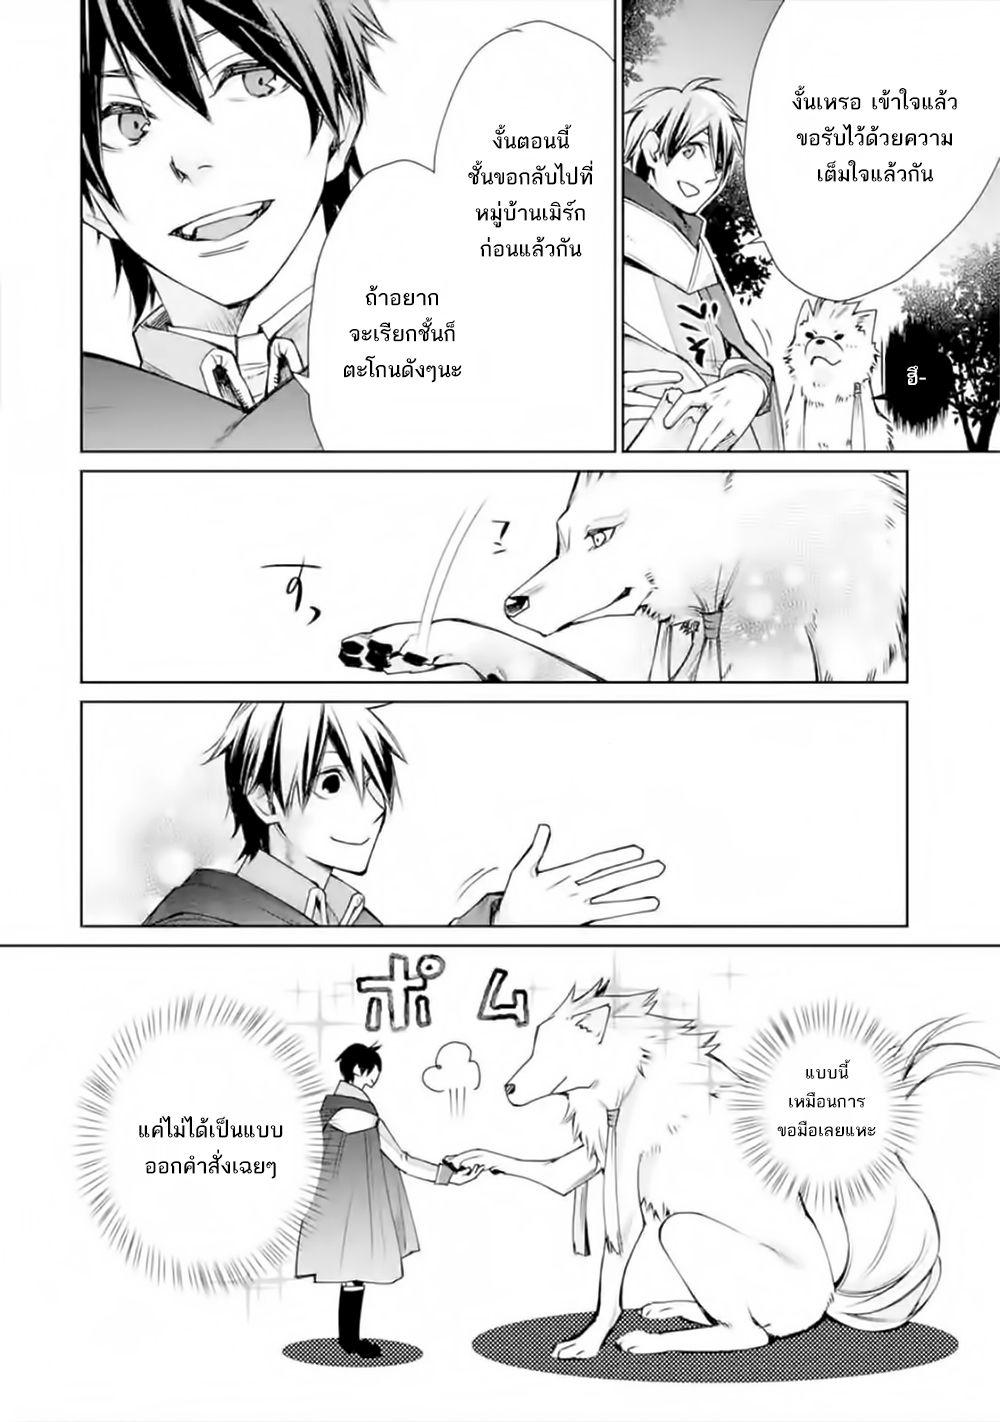 อ่านการ์ตูน Saikyo no mado-shi. Hiza ni ya o ukete shimattanode inaka no eihei ni naru ตอนที่ 2.3 หน้าที่ 1